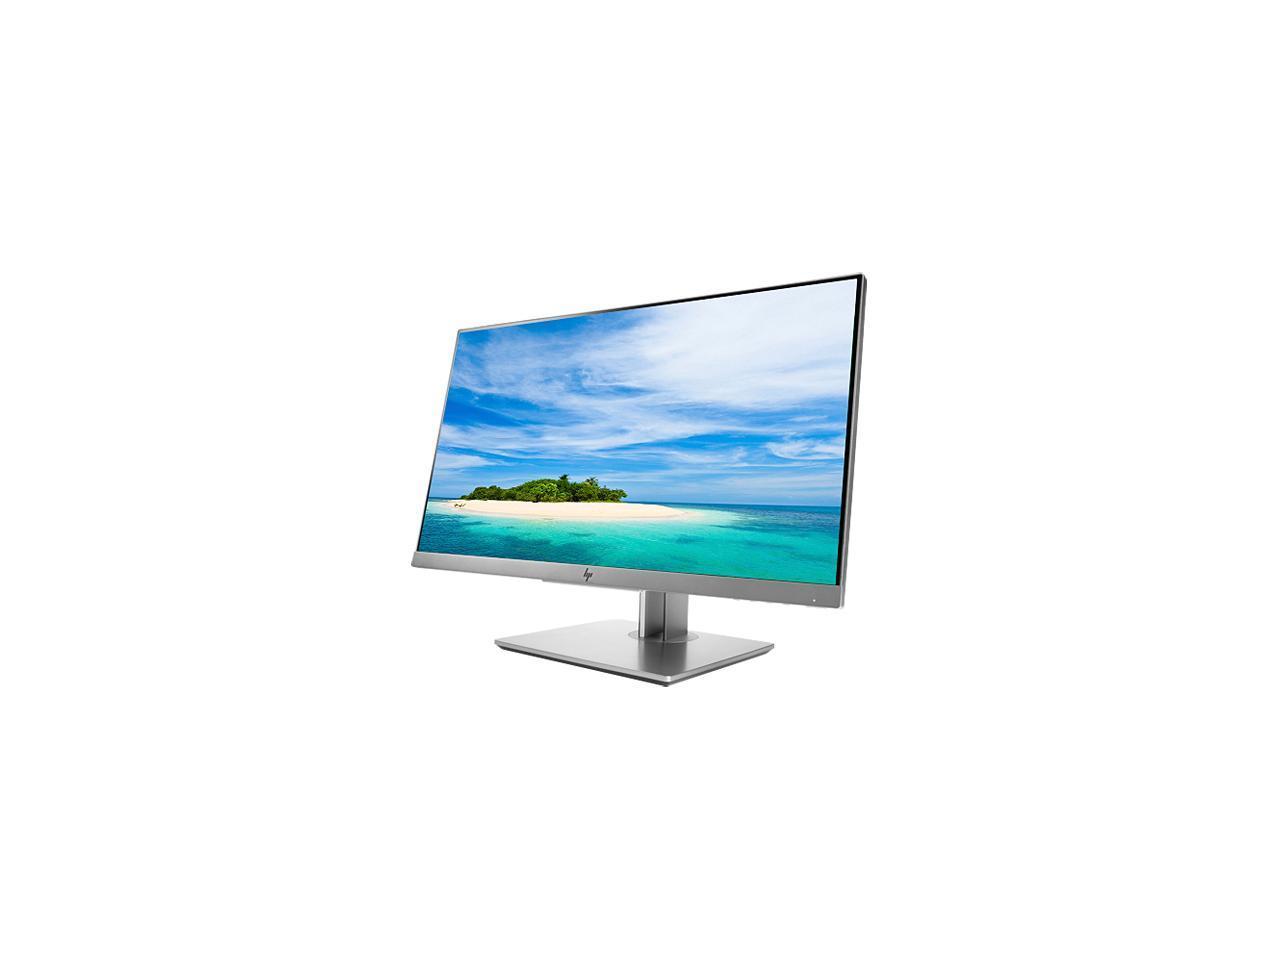 Hp 22y monitor